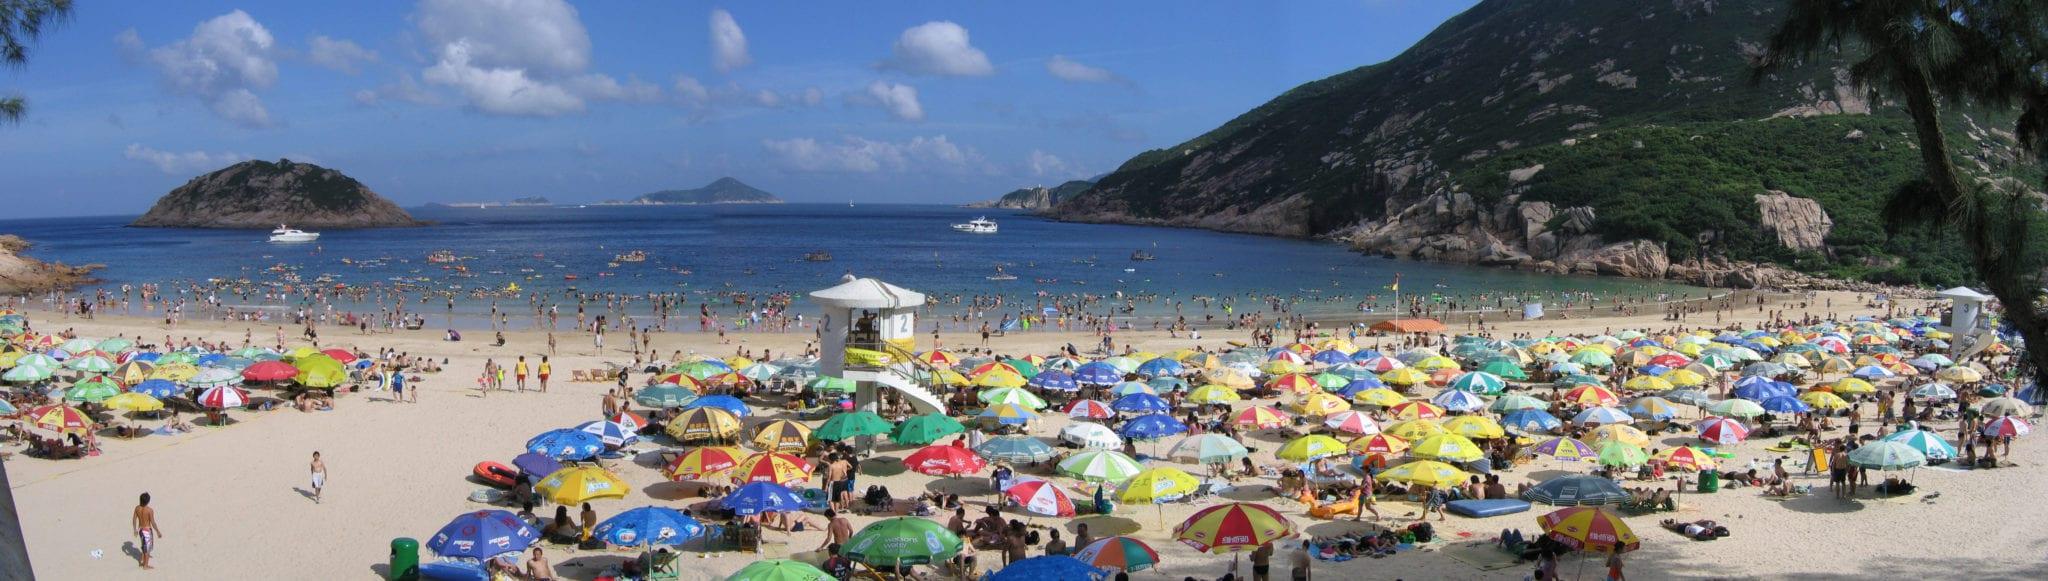 spiaggia Hong Kong